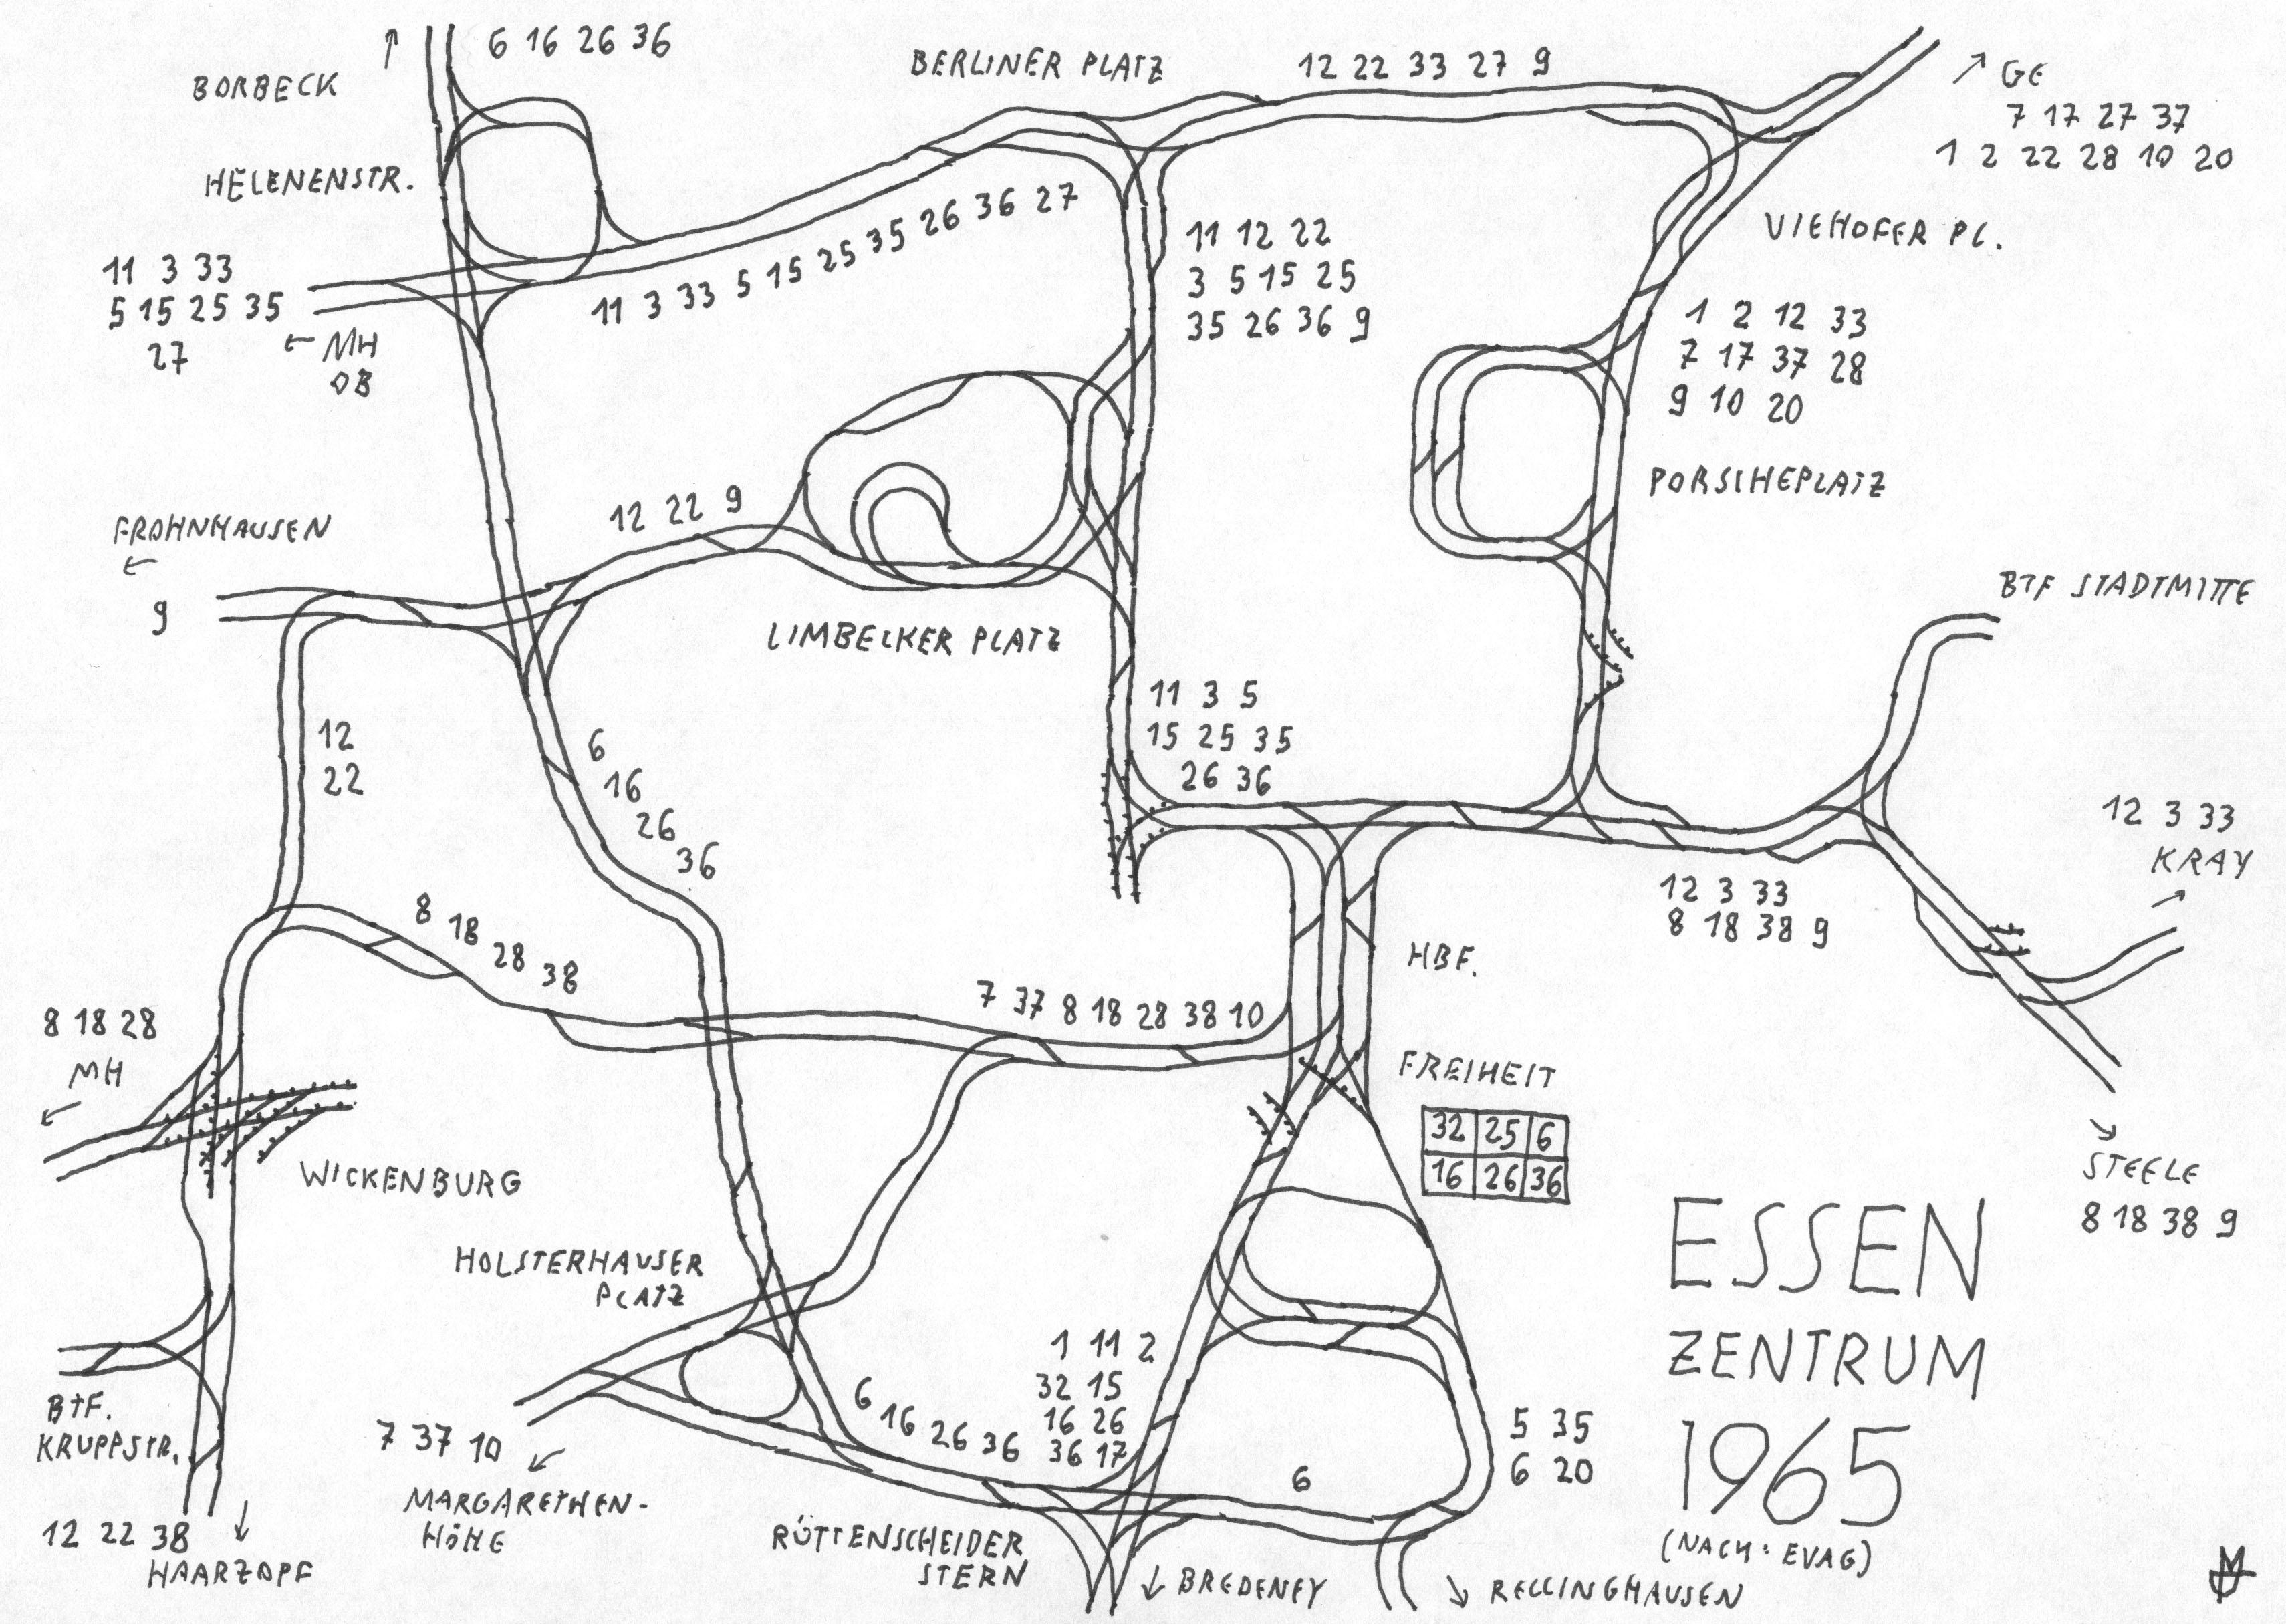 file gleisplan der straà enbahn essen 1965 zentralbereich